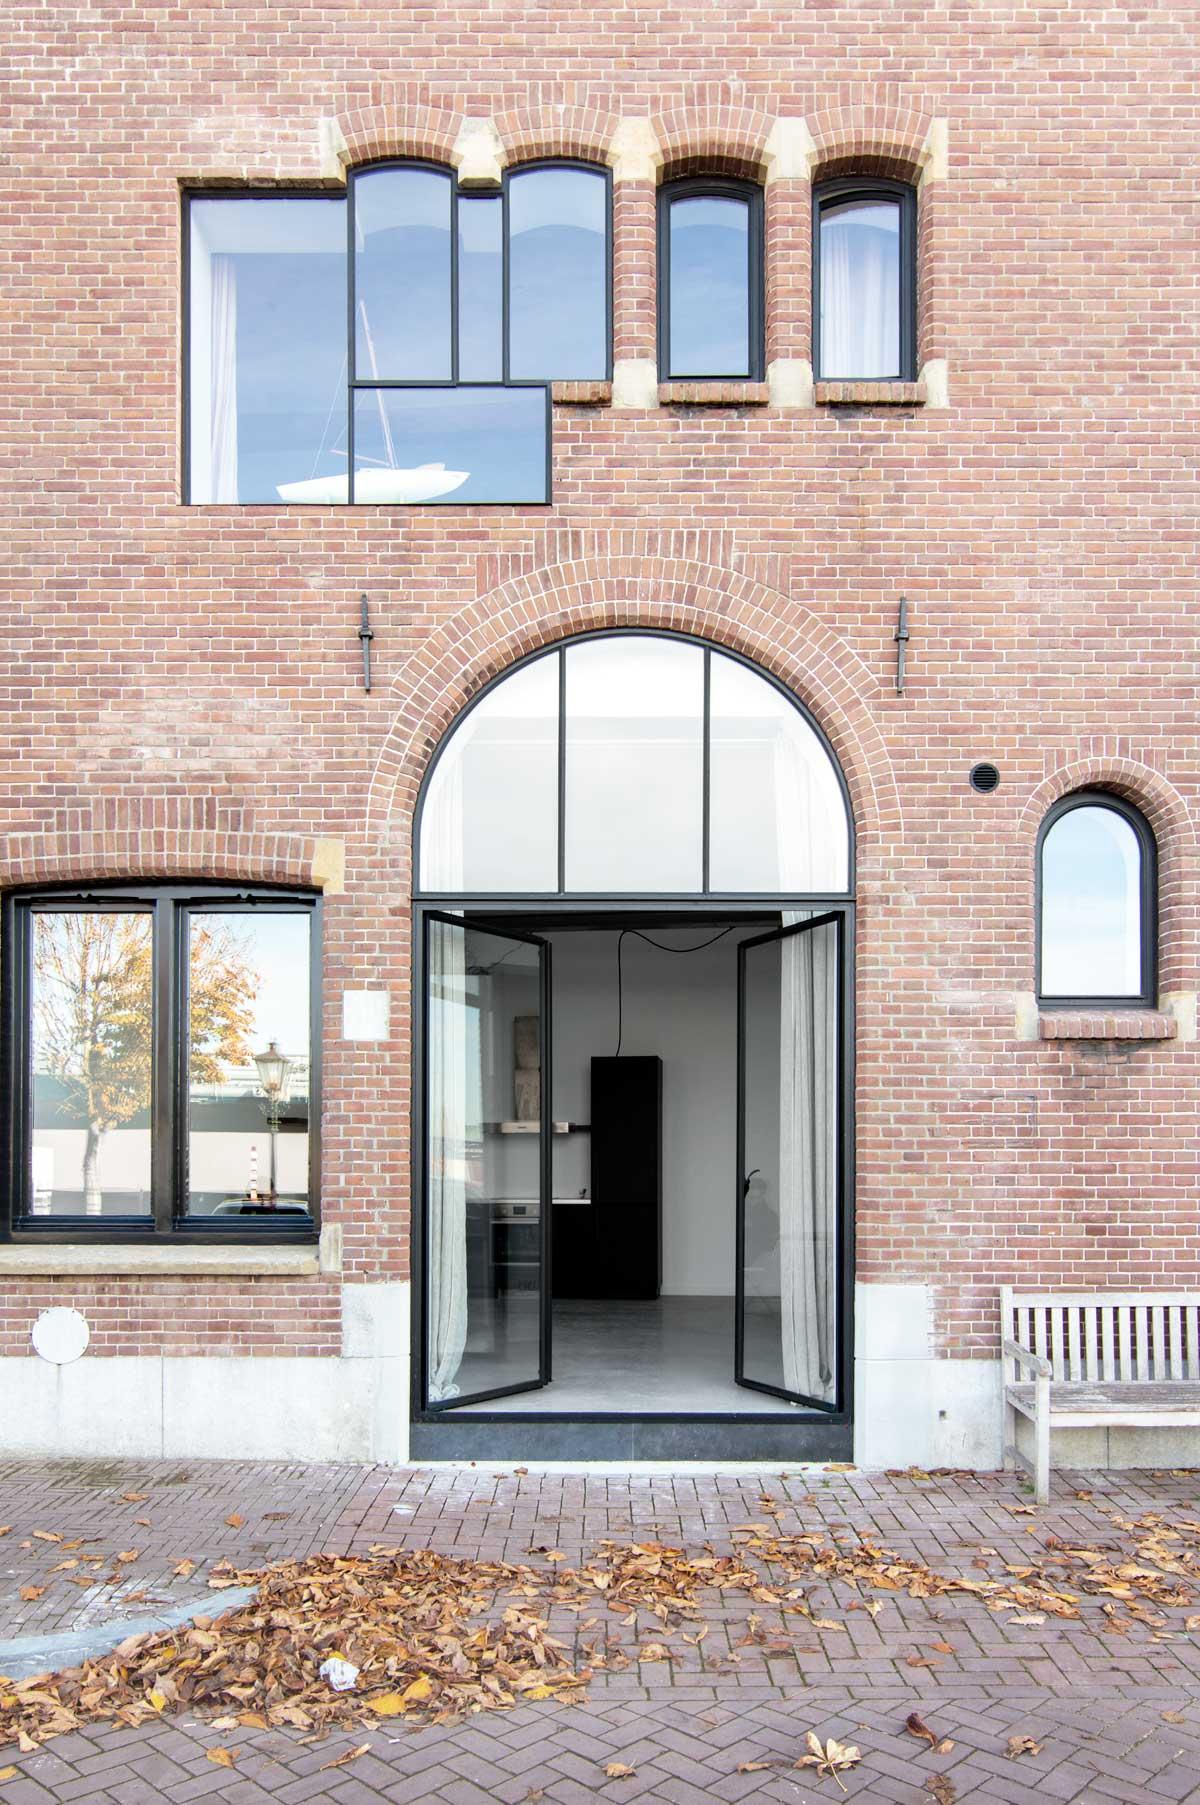 Nieuw huis fabriekspand - Tanja van Hoogdalem